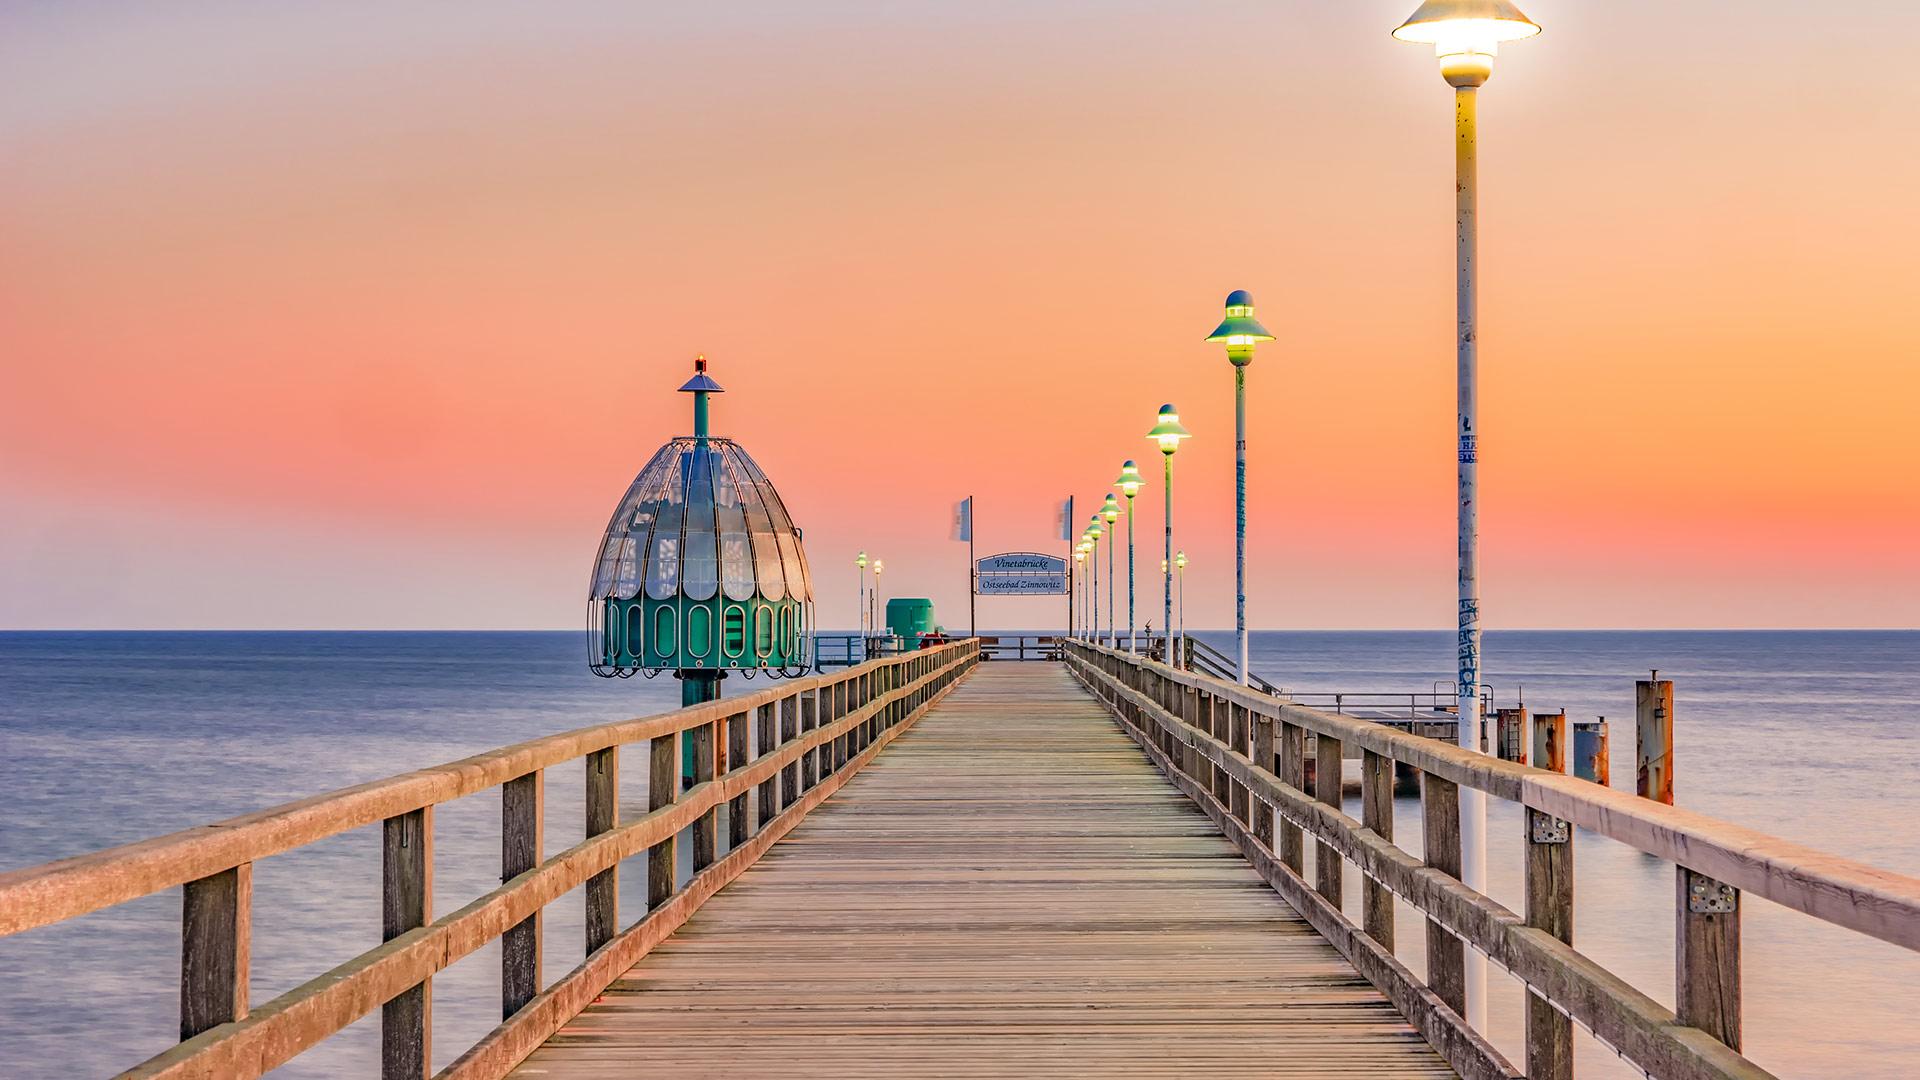 Zinnowitz pier, Usedom island, Germany (? Frank Günther/Getty Images)